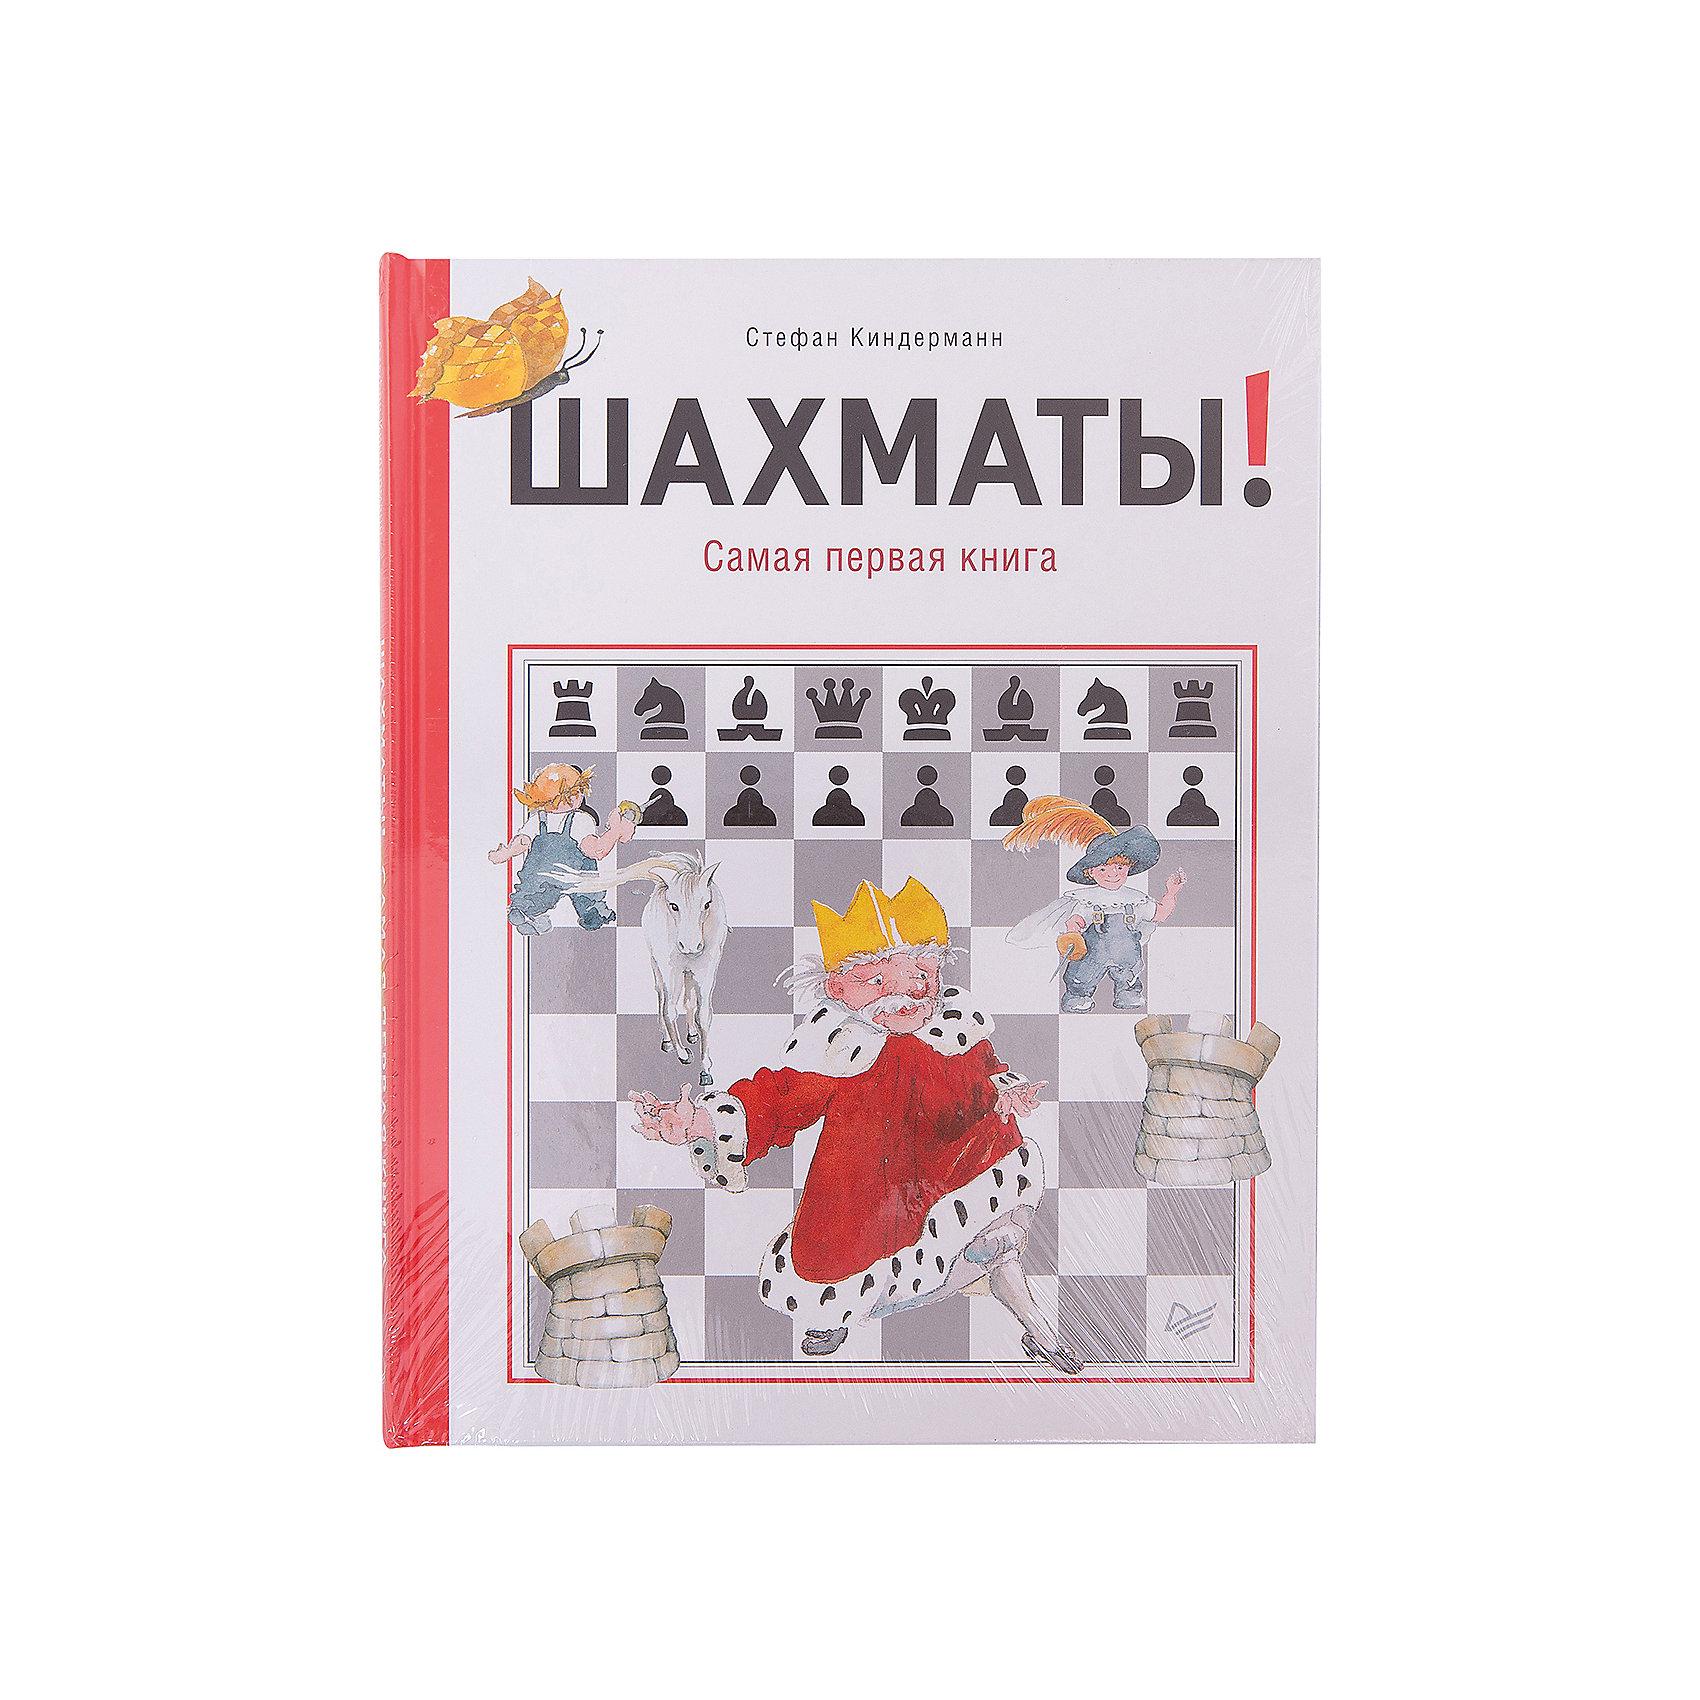 Книга Шахматы!Книги для развития мышления<br>Характеристики книги Шахматы!: <br><br>• состав: бумага 100%<br>• габариты предмета: 26х0.9х20.1 см<br>• автор: Киндерманн С.<br>• обложка: твердая<br>• языки: русский<br>• количество страниц: 80 шт.<br>• вид бумаги: офсетная<br>• год выпуска: 2017 г<br>• иллюстратор: коллектив иллюстраторов<br>• назначение книги: детская<br>• страна бренда: Россия<br>• страна производитель: Россия<br>• комплектация: книга<br><br>В сказочном королевстве шахмат случается всякое: горячие битвы, хитроумные козни и счастливые спасения! Хочешь узнать, по каким законам живет волшебный шахматный народ? Тебя ждут симпатичный король, попавший в беду, великолепный боевой конь, спешащий ему на помощь, почти всесильная королева и другие замечательные персонажи. <br><br>Занимательные истории о шахматах, созданные гроссмейстером Стефаном Киндерманном и художницей Анной Франке, помогут без труда усвоить основные правила игры и послужат прекрасным началом знакомства с шахматами. Книга для детей дошкольного и младшего школьного возраста.<br><br>Книгу Шахматы! издательства Питер  можно купить в нашем интернет-магазине.<br><br>Ширина мм: 260<br>Глубина мм: 201<br>Высота мм: 90<br>Вес г: 337<br>Возраст от месяцев: -2147483648<br>Возраст до месяцев: 2147483647<br>Пол: Унисекс<br>Возраст: Детский<br>SKU: 5480541